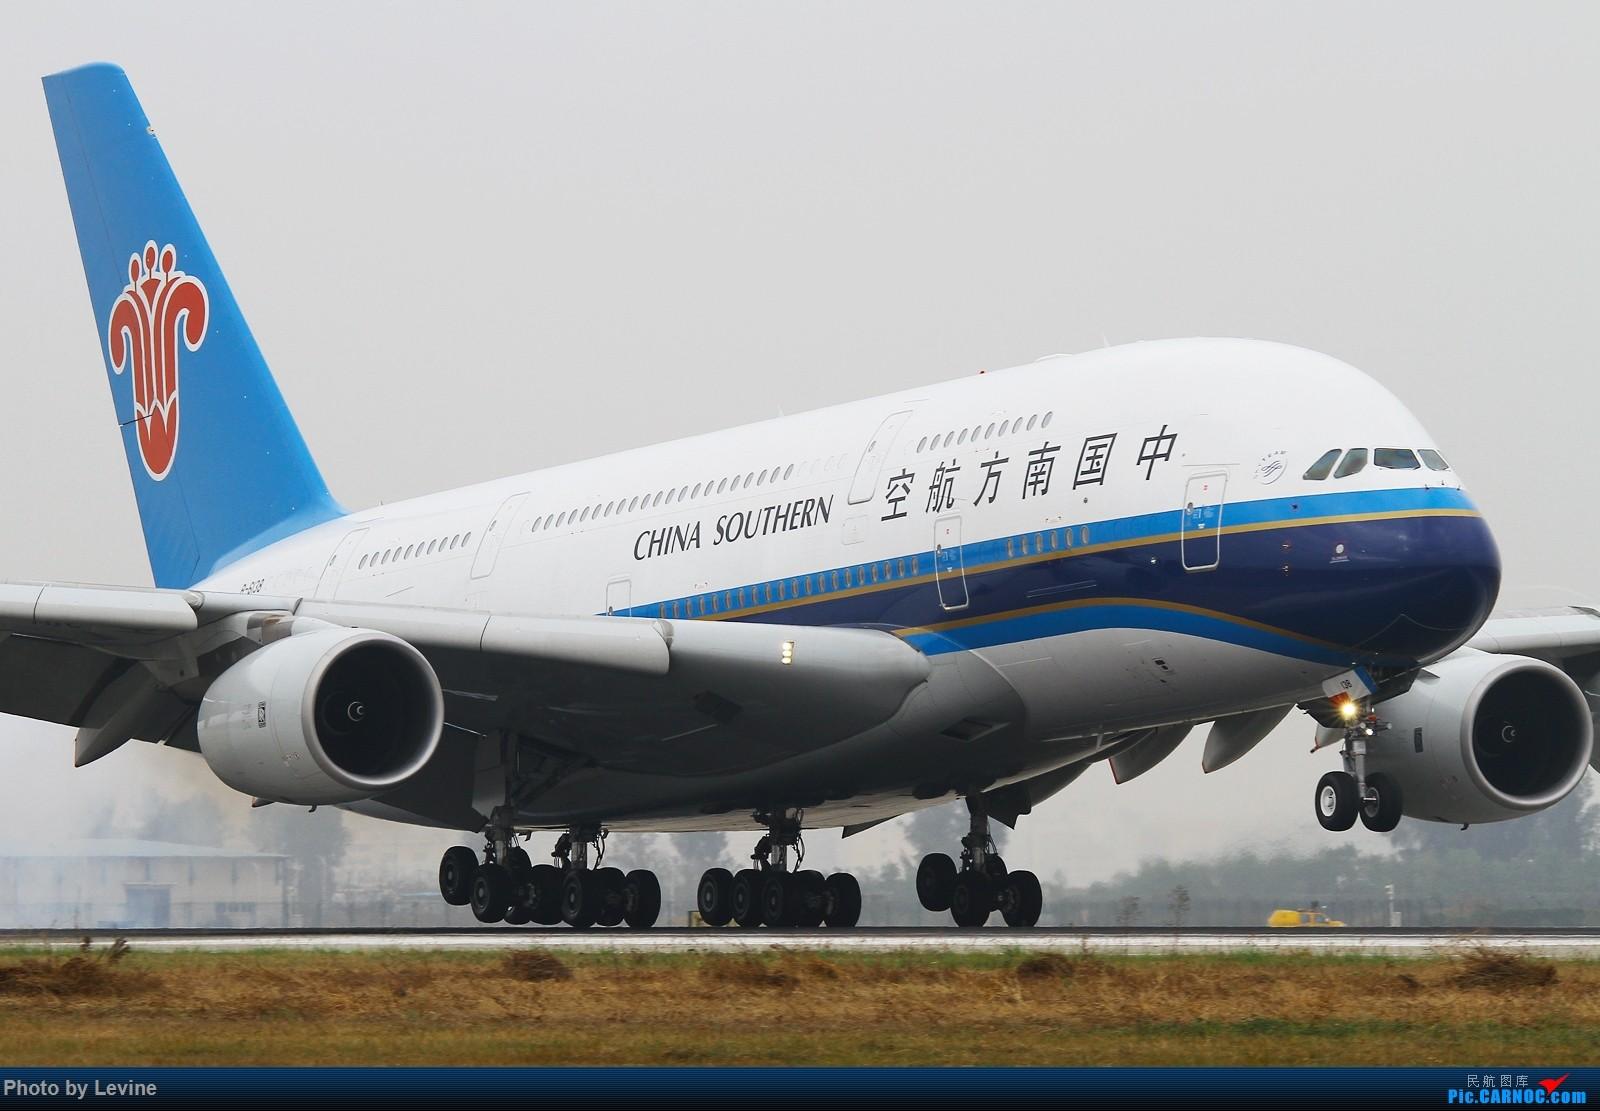 [原创]]◇ ◆ ◇ ◆ ◇ ◆坏天气下的两大块头◇ ◆ ◇ ◆ ◇ ◆ AIRBUS A380 B-6138 中国深圳宝安国际机场